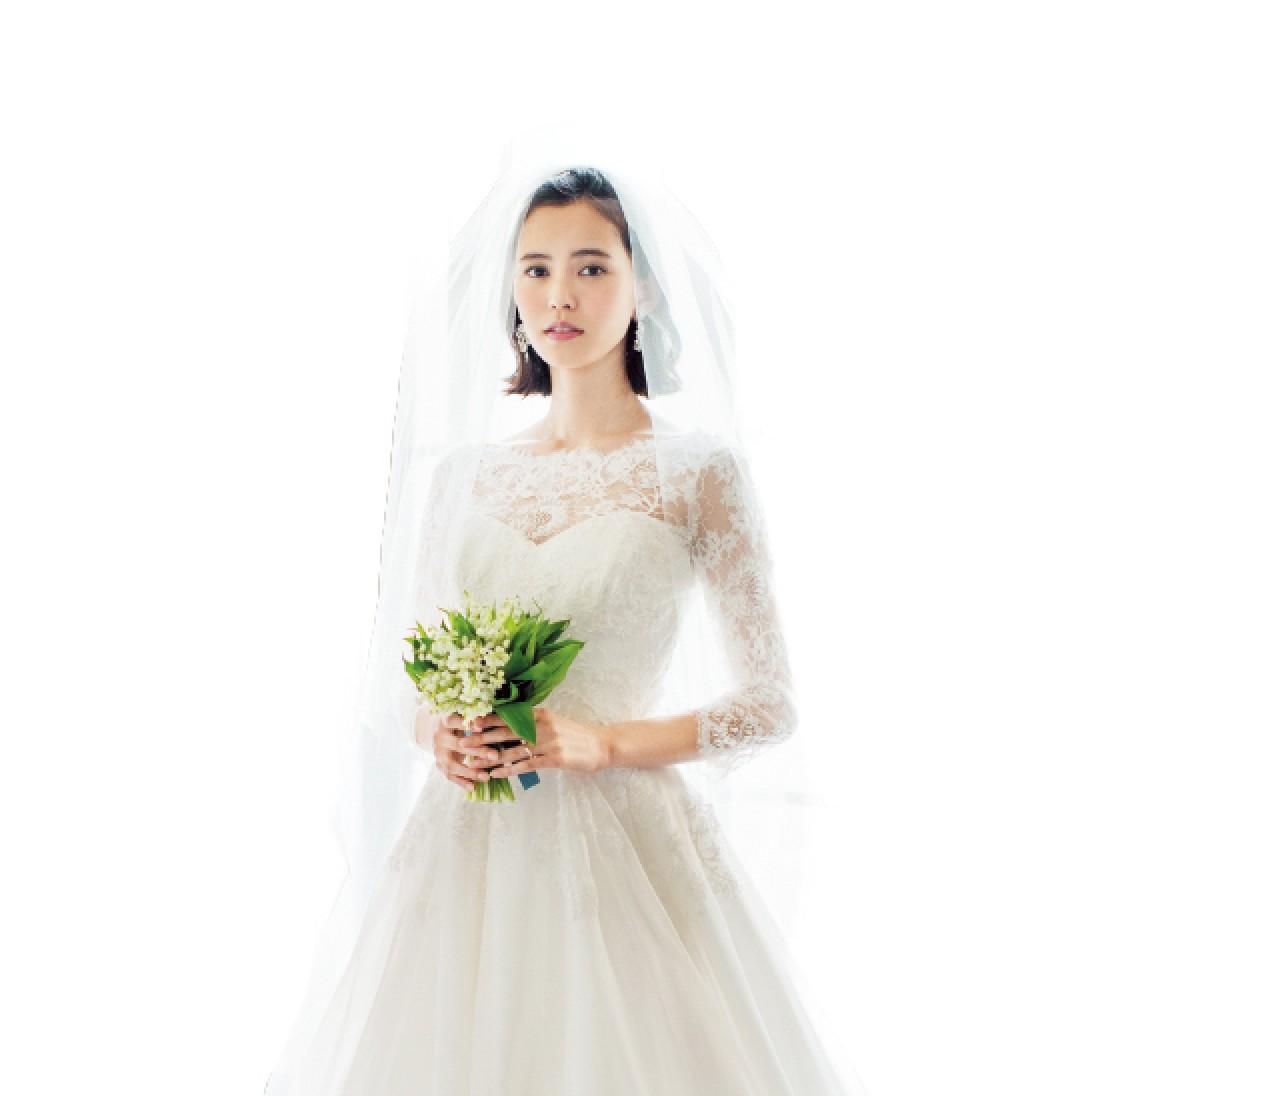 おしゃれ花嫁のドレス選びは「レース」がトレンド!